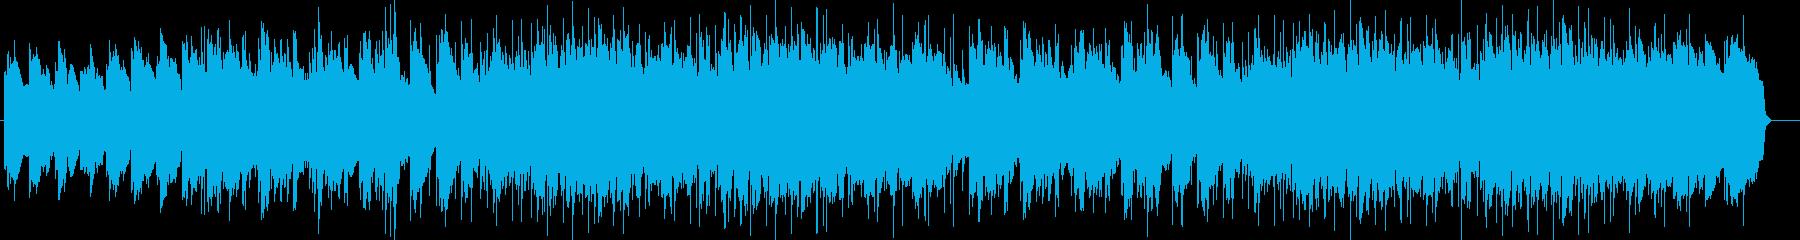 エレクトリックピアノの効いたポップスの再生済みの波形